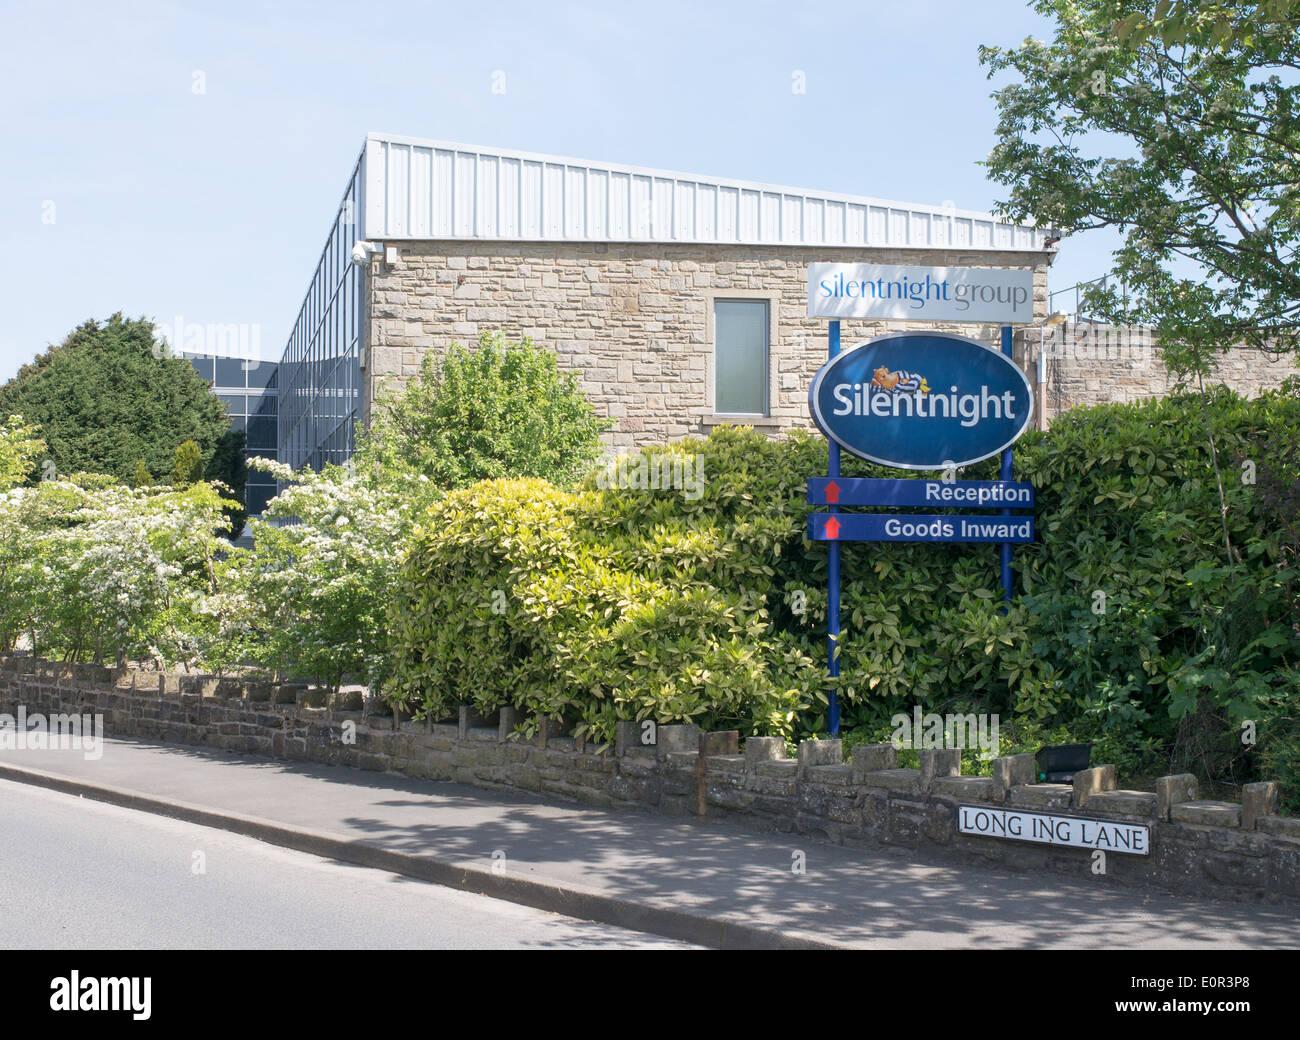 Biancheria da letto Silentnight fabbrica in barnoldswick, Lancashire, Regno Unito Immagini Stock